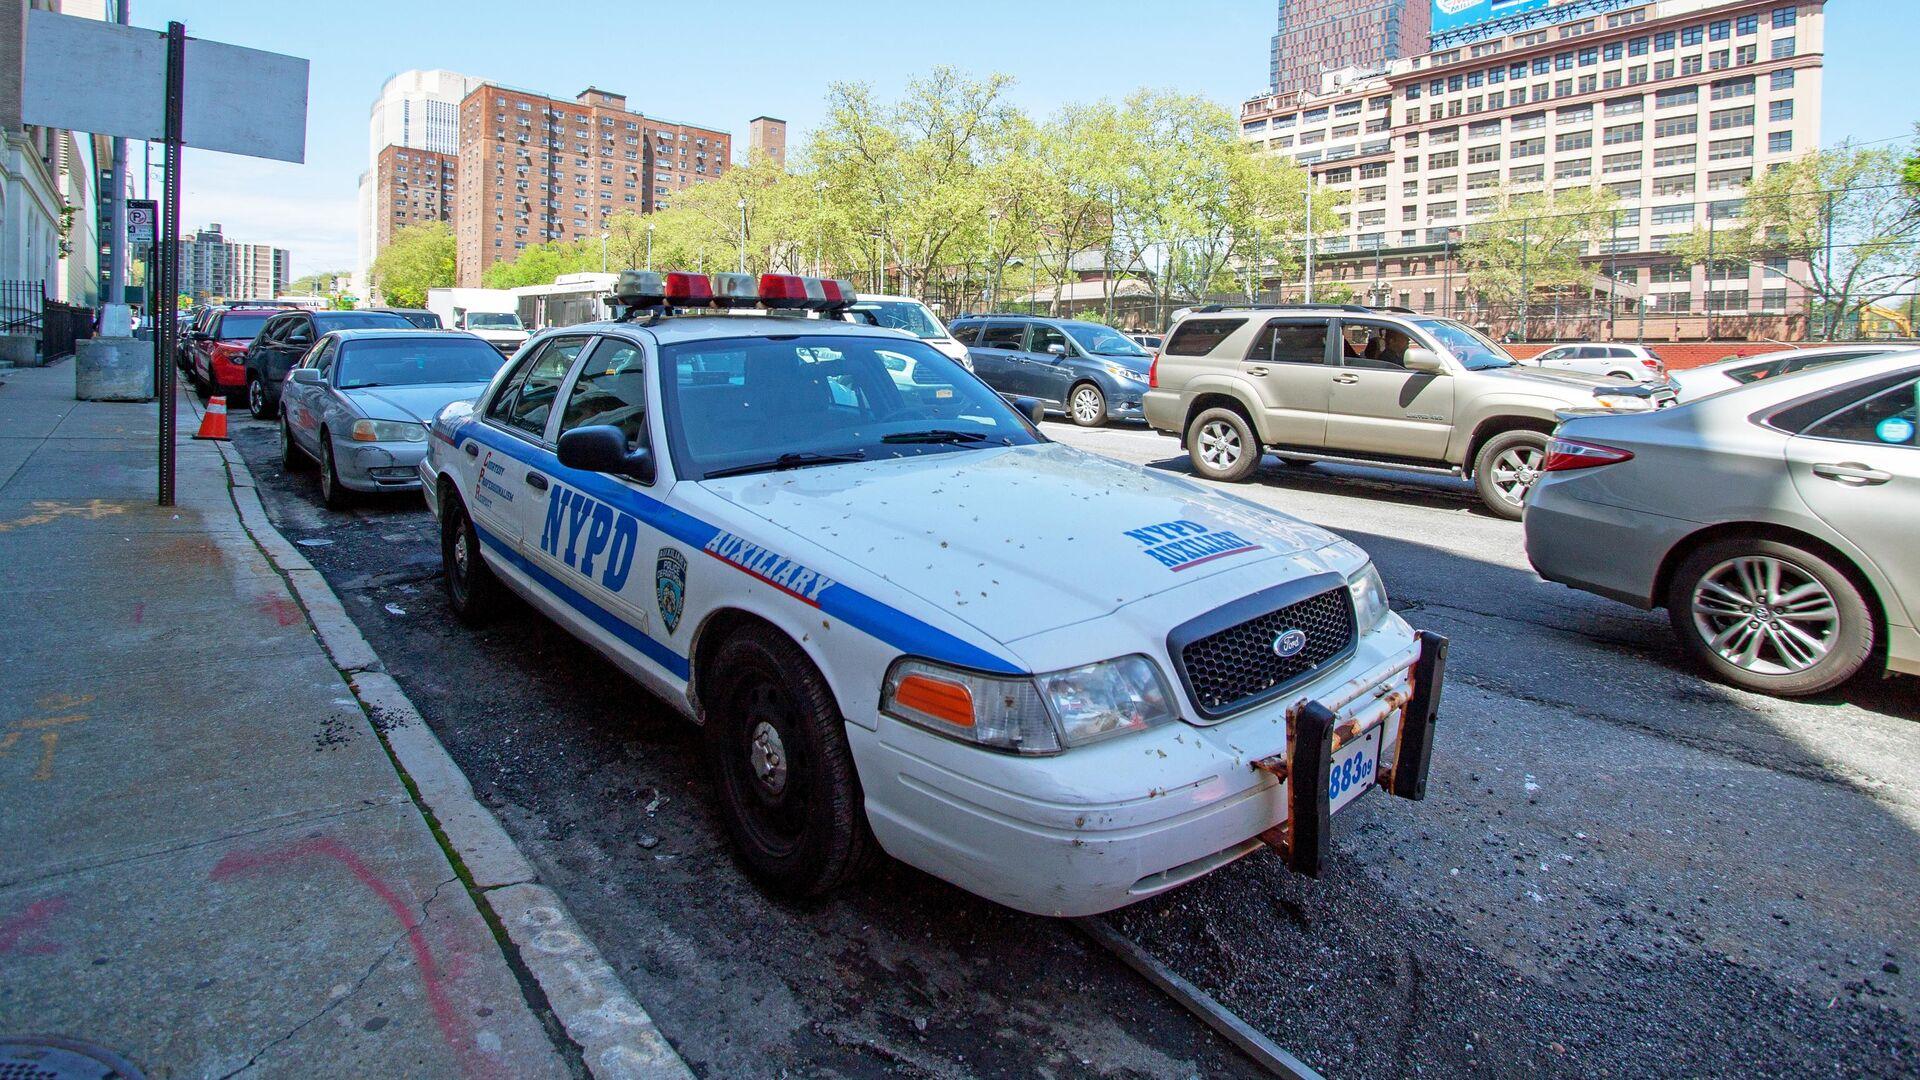 Машина полиции на одной из улиц Нью-Йорка - РИА Новости, 1920, 09.05.2021